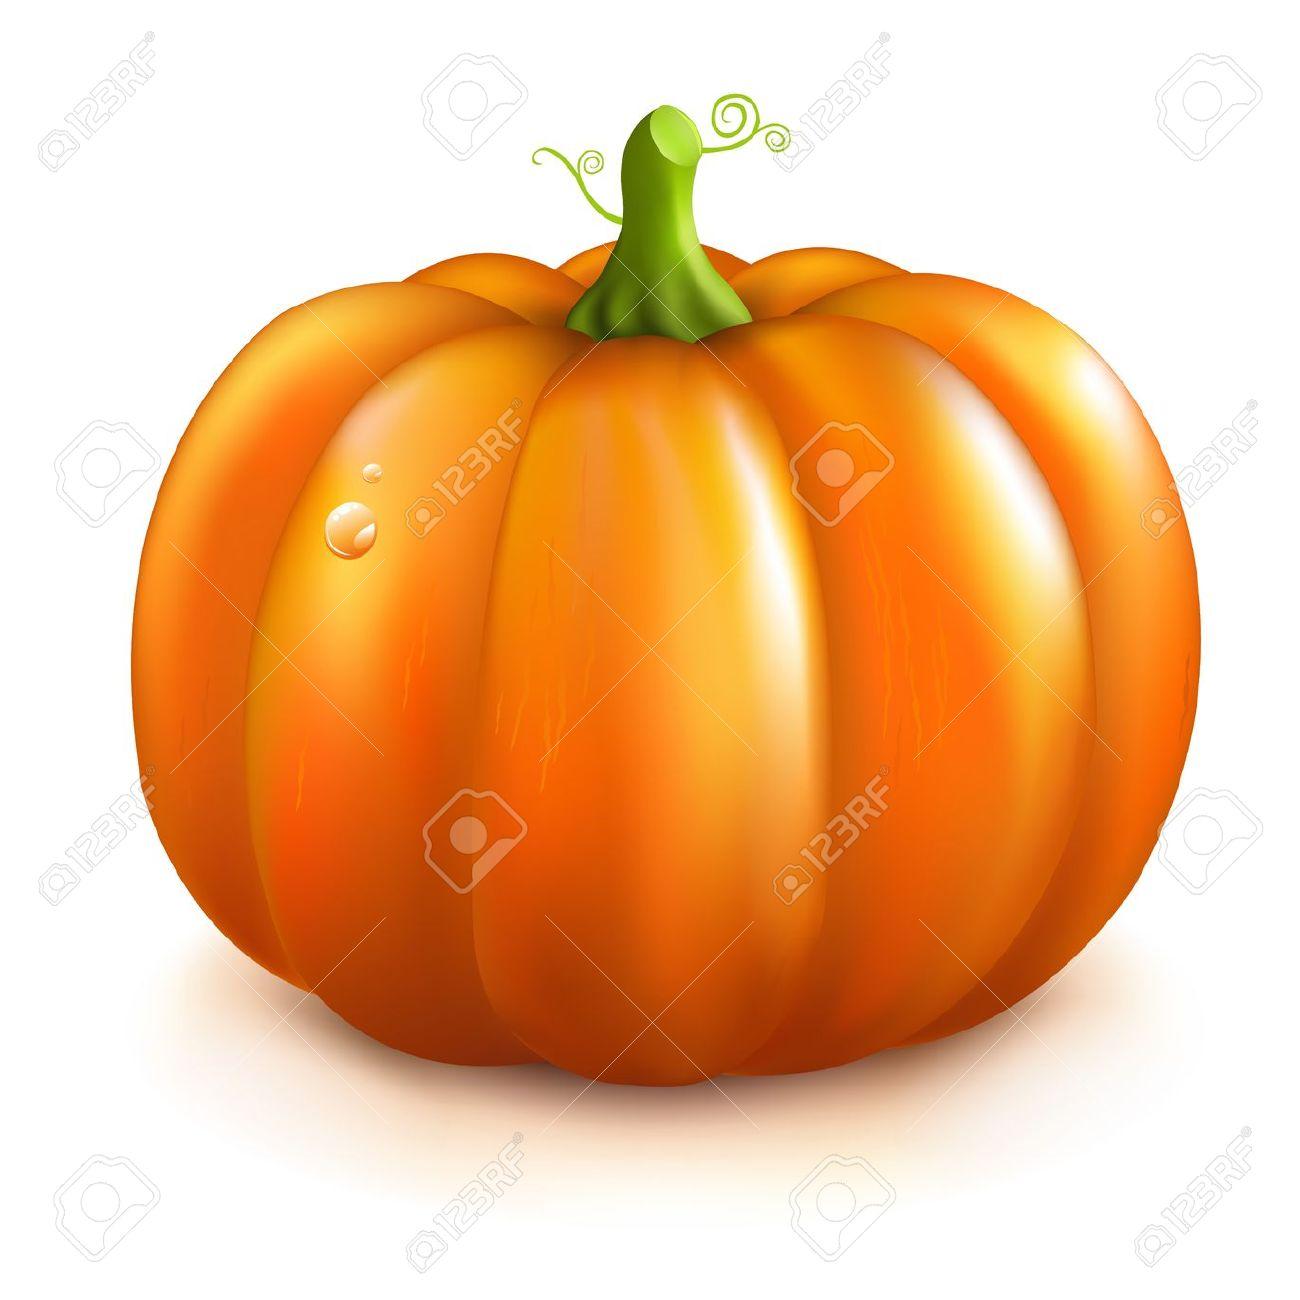 Orange squash clipart.